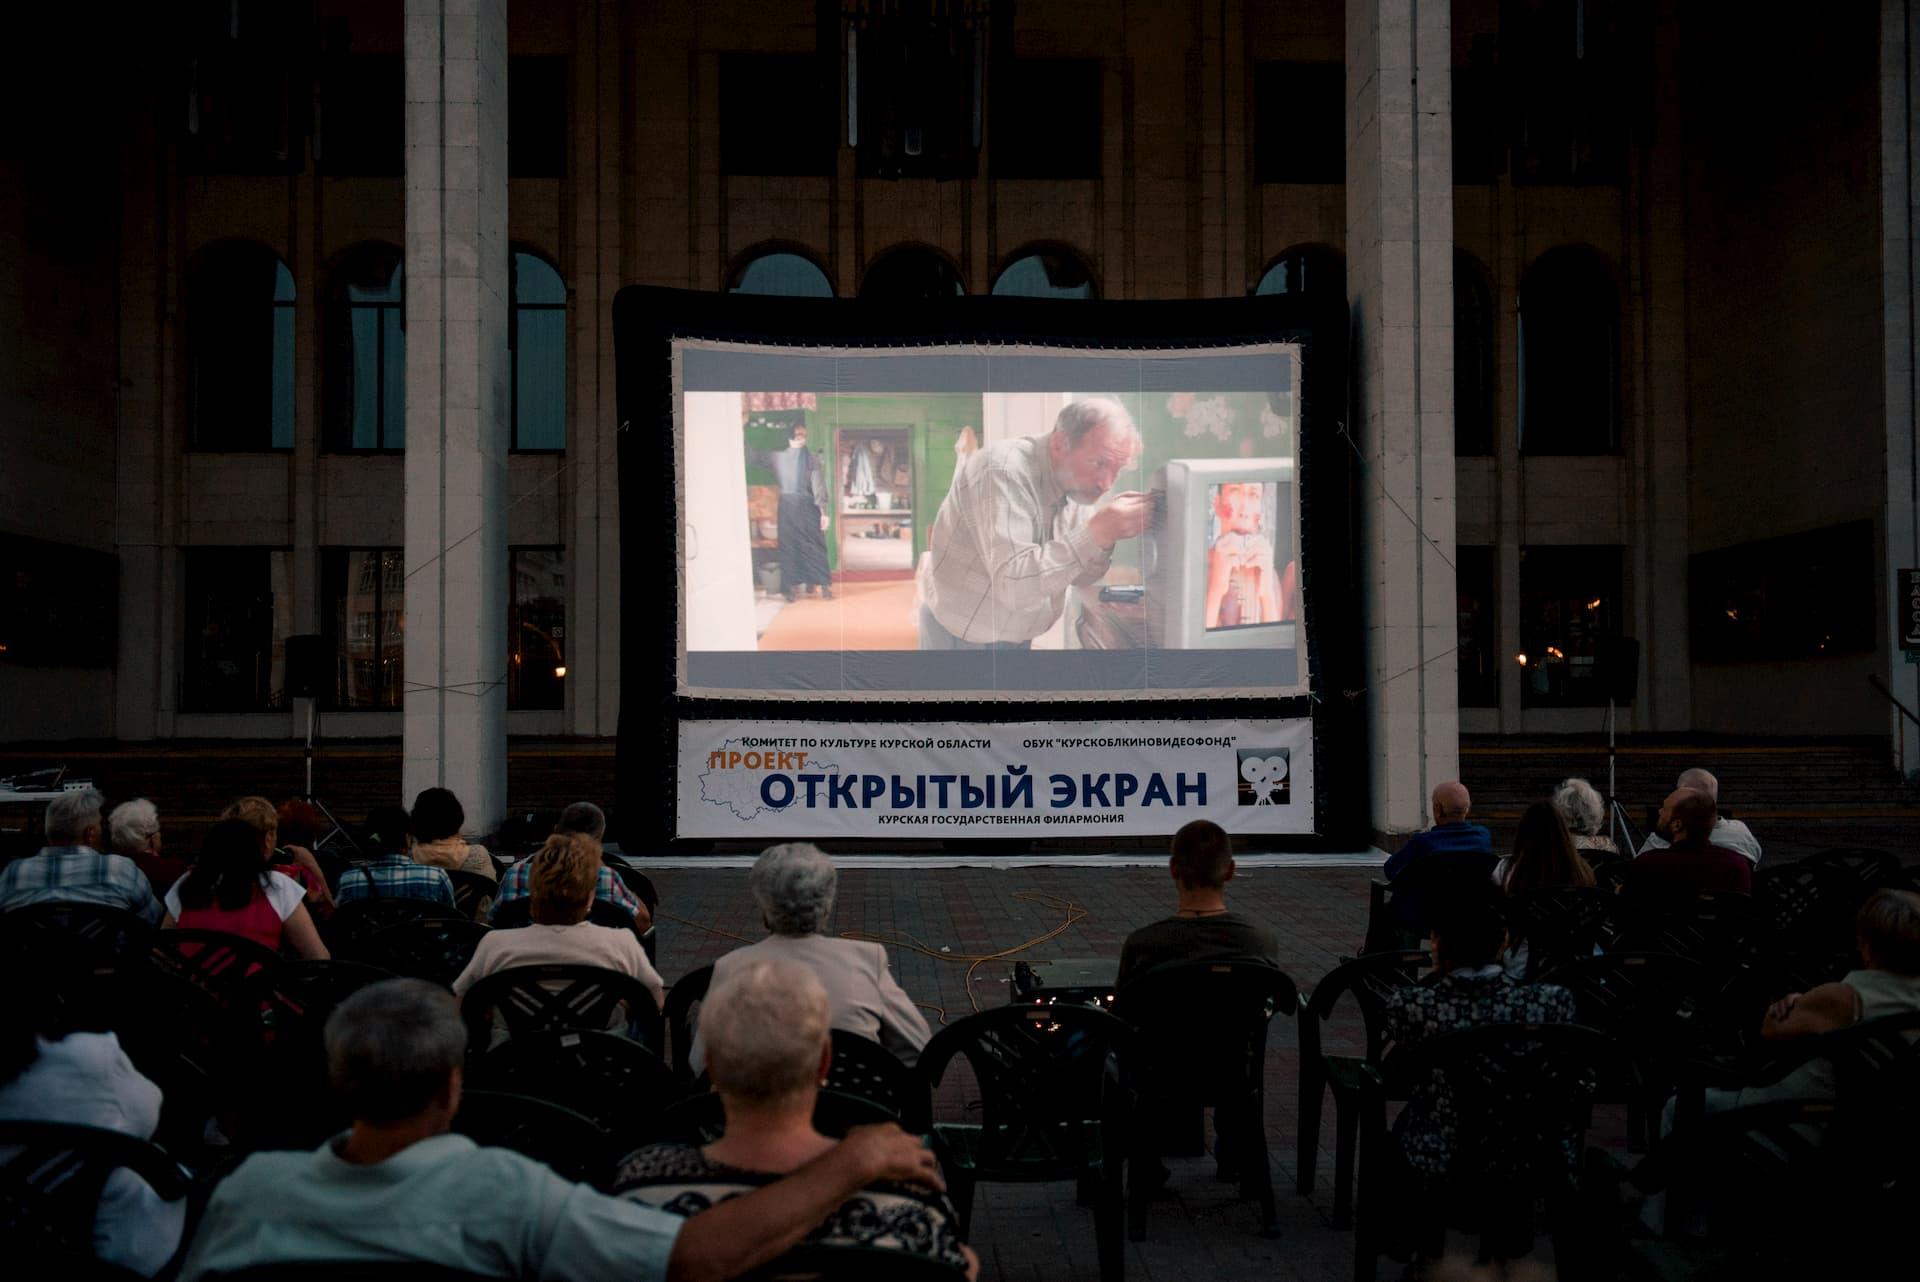 «Открытый экран» в Курске. Расписание показов на сентябрь